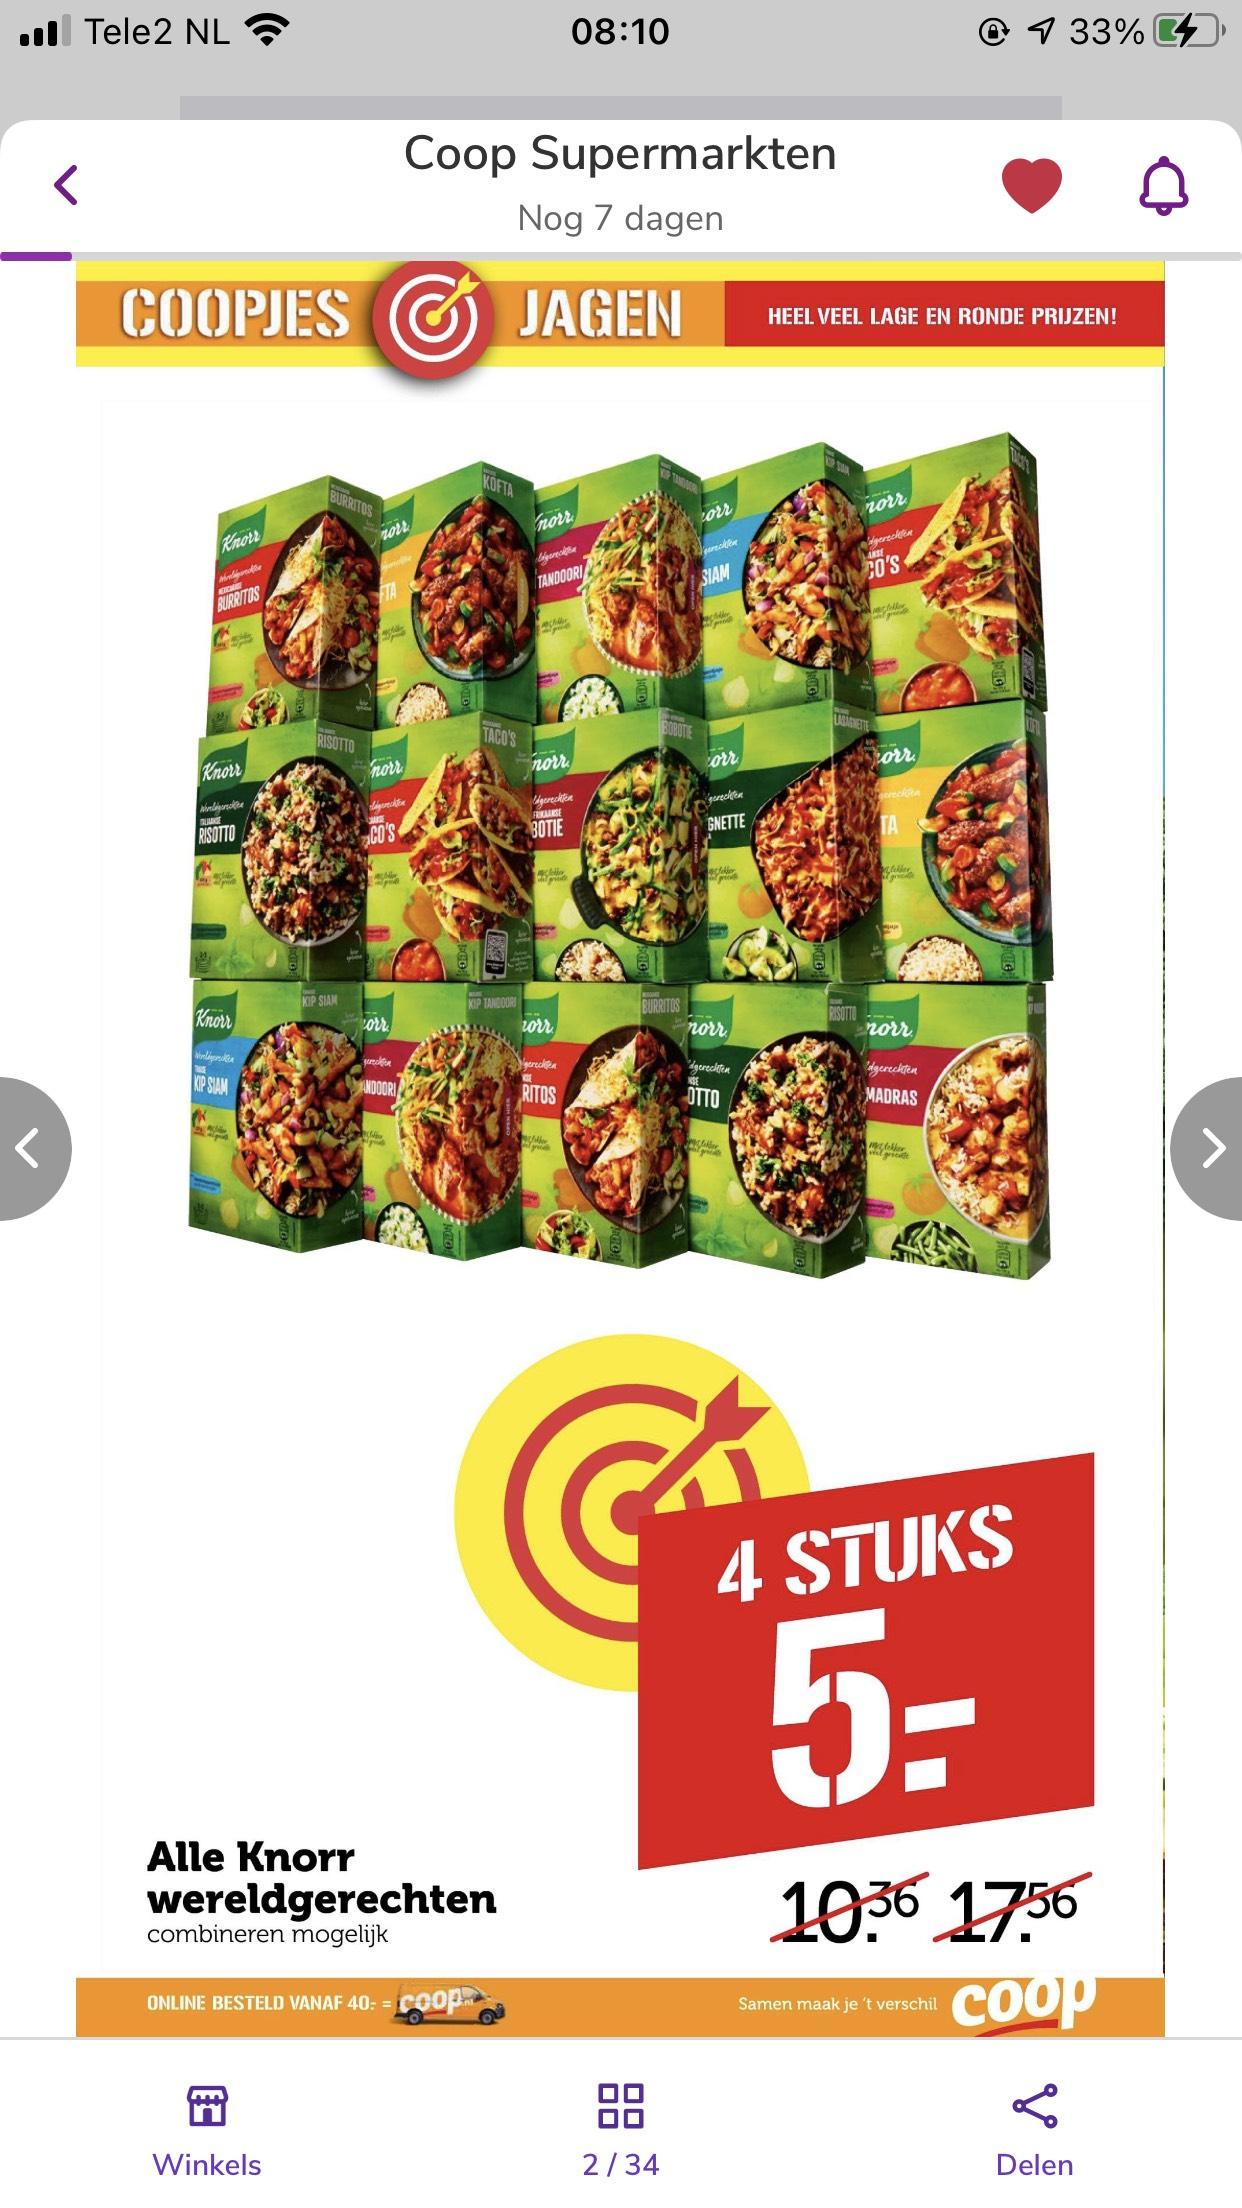 Knorr wereldgerechten 4 voor 5 euro bij Coop